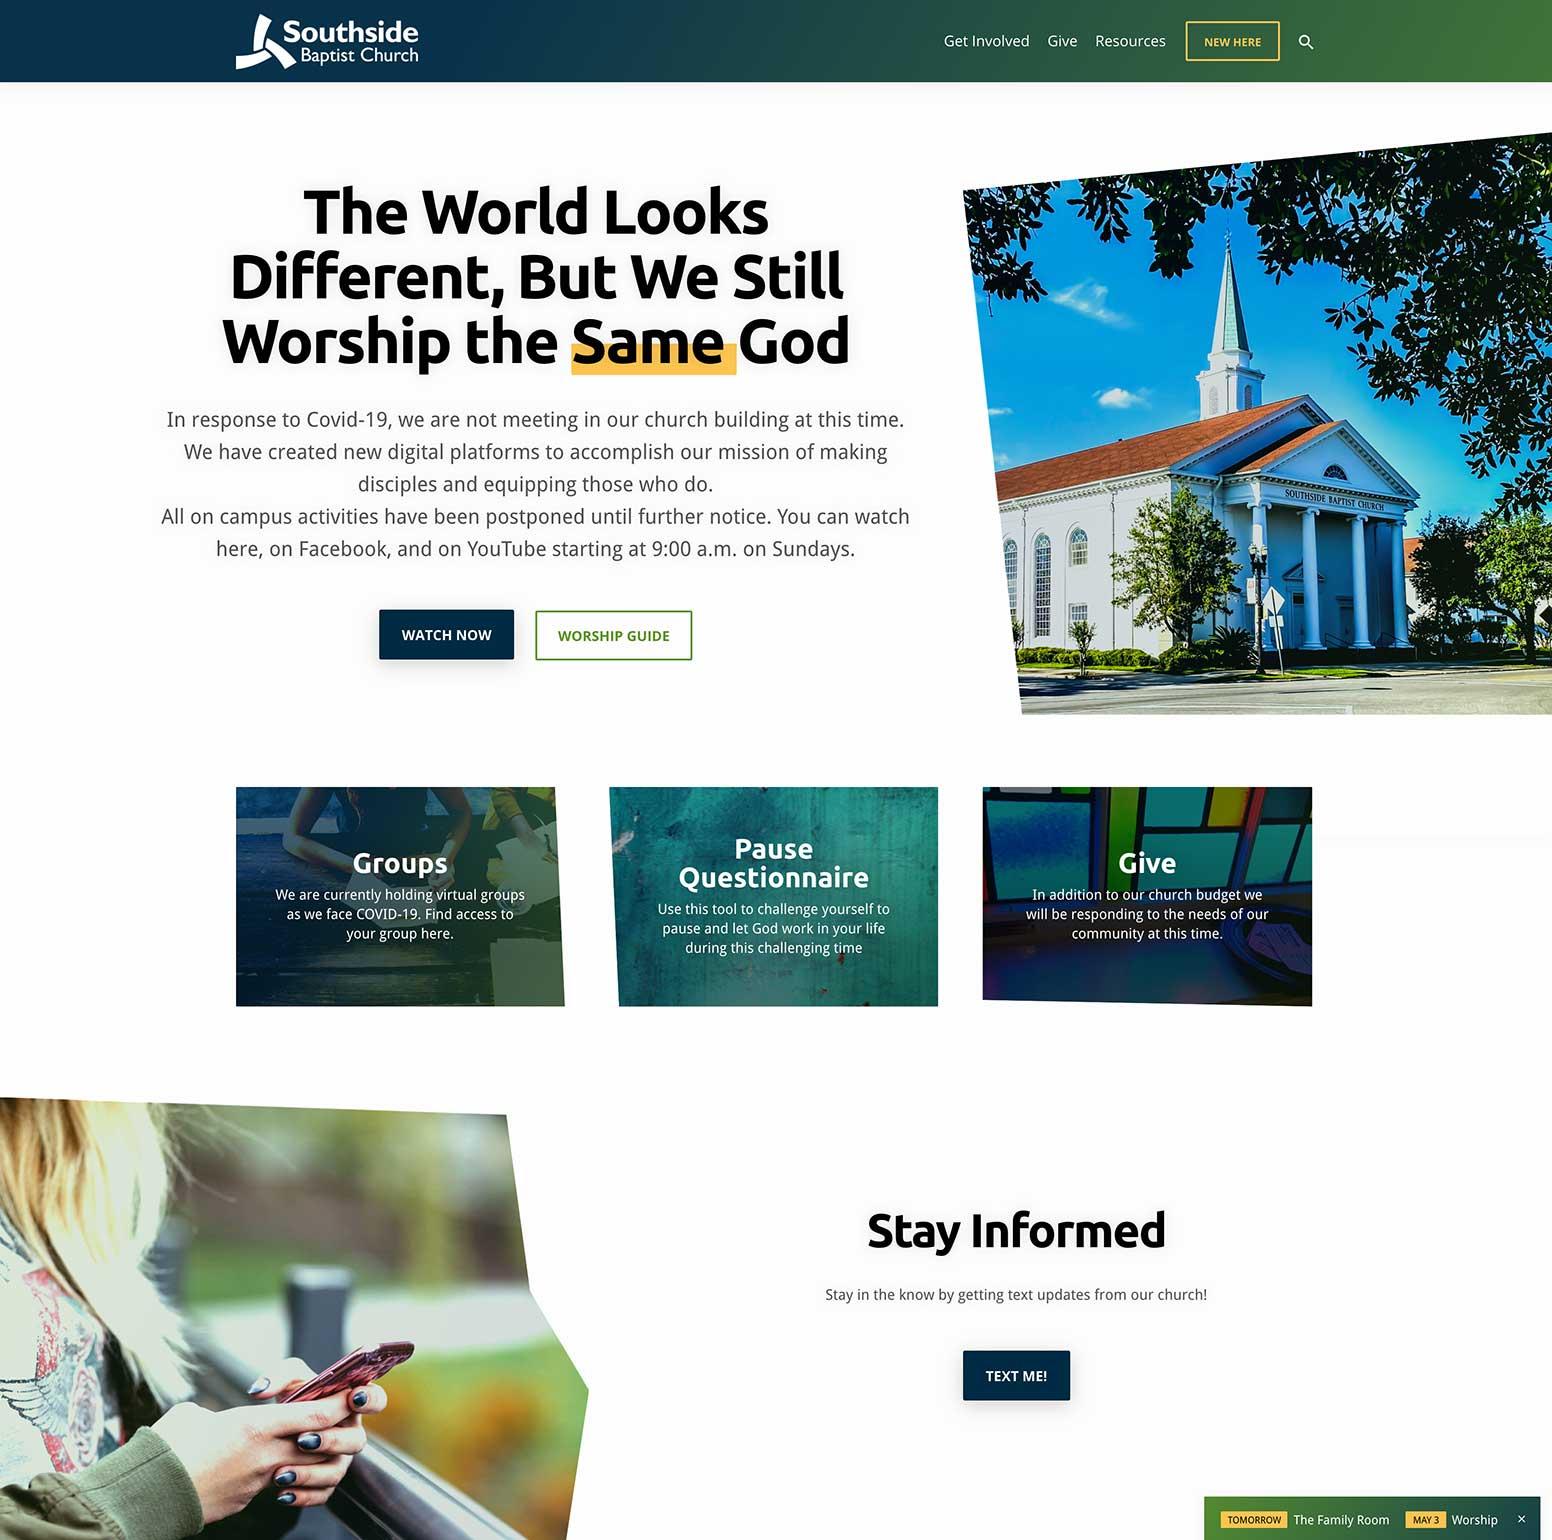 Southside Baptist Church Website